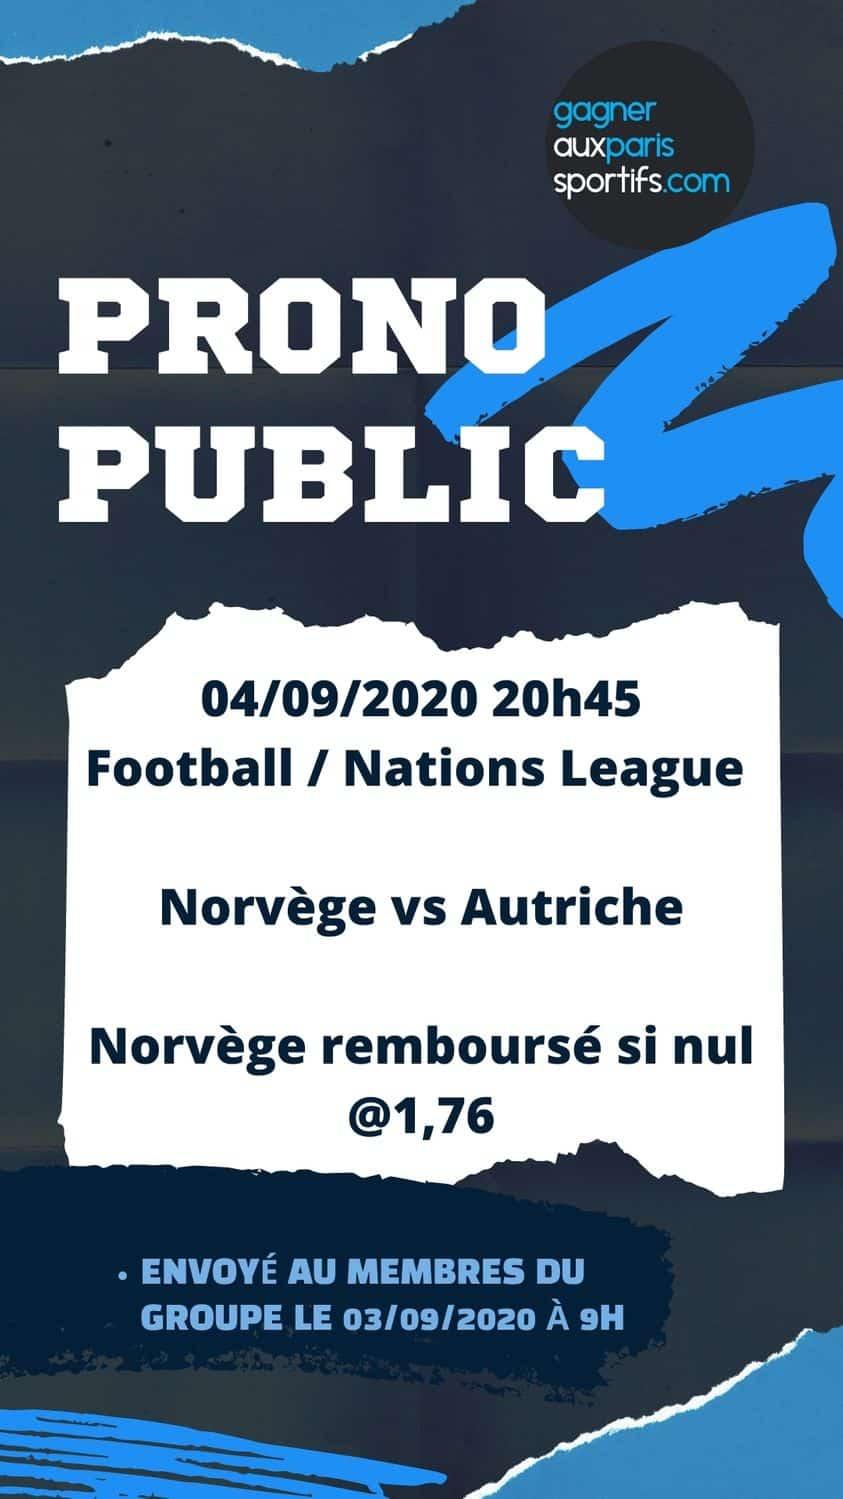 Prono norvege autriche ligue des nations